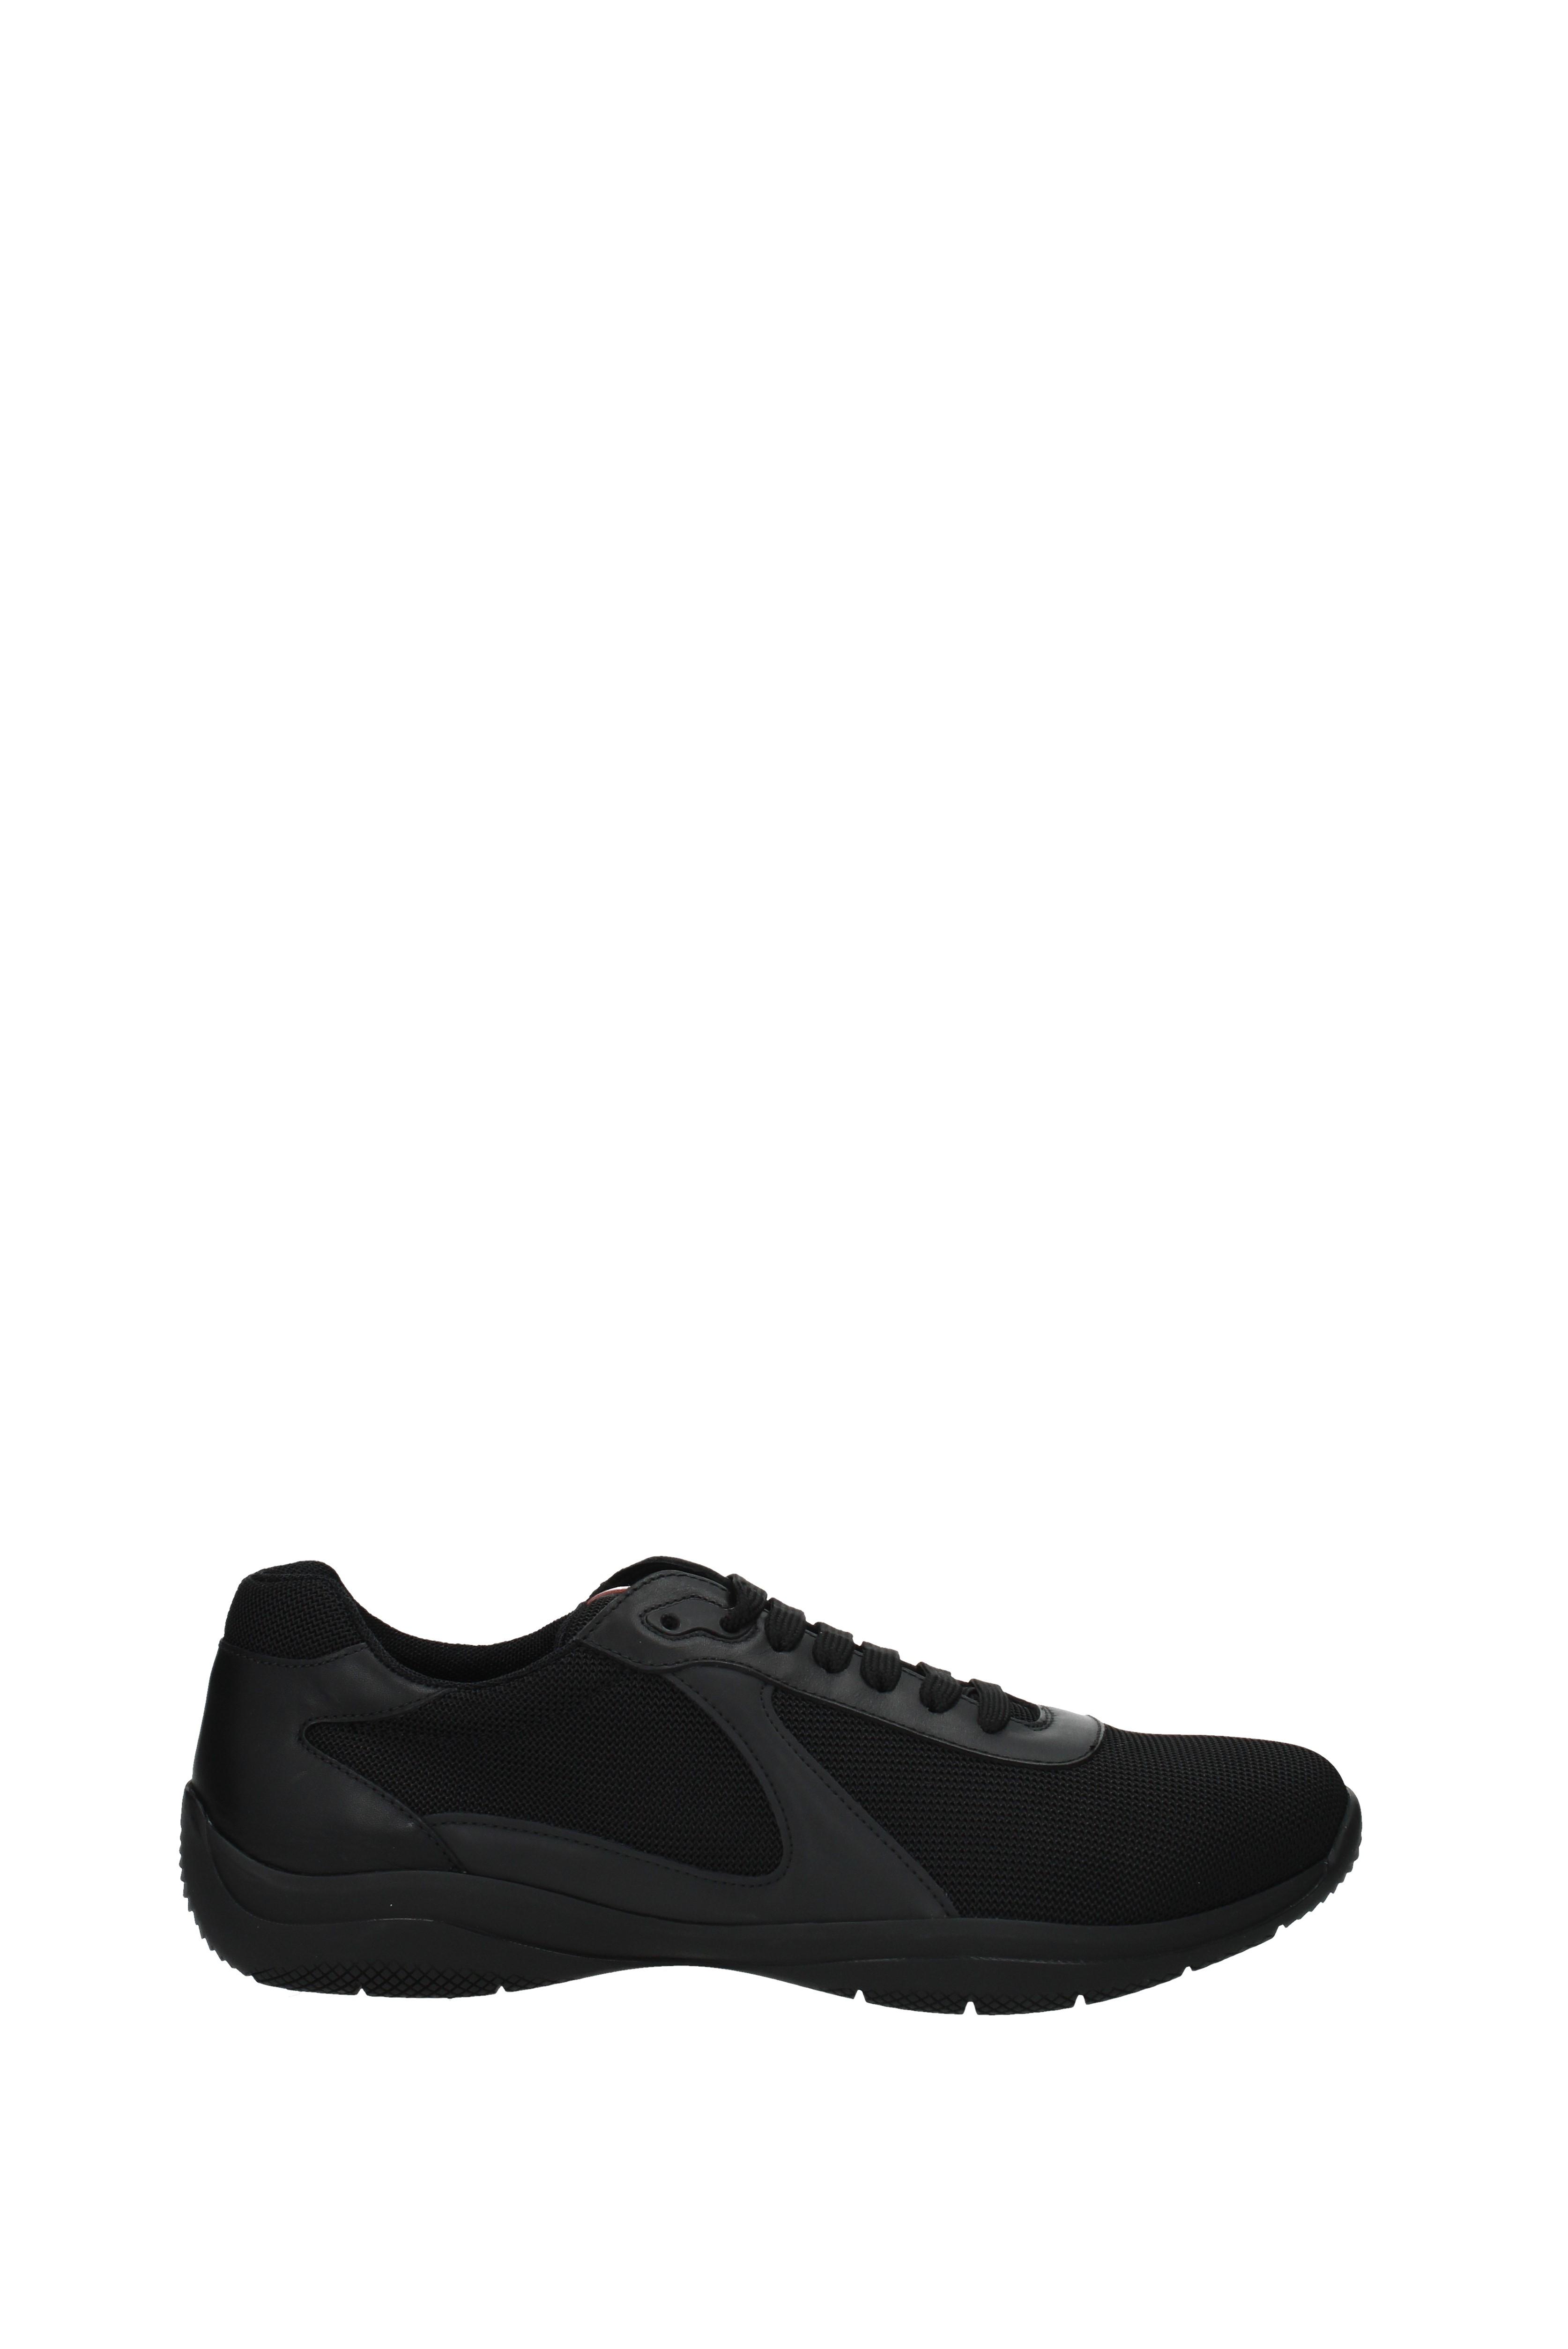 Sneakers Prada Prada Sneakers Herren - Stoff (4E3075RETEPLUME) e5e2a1